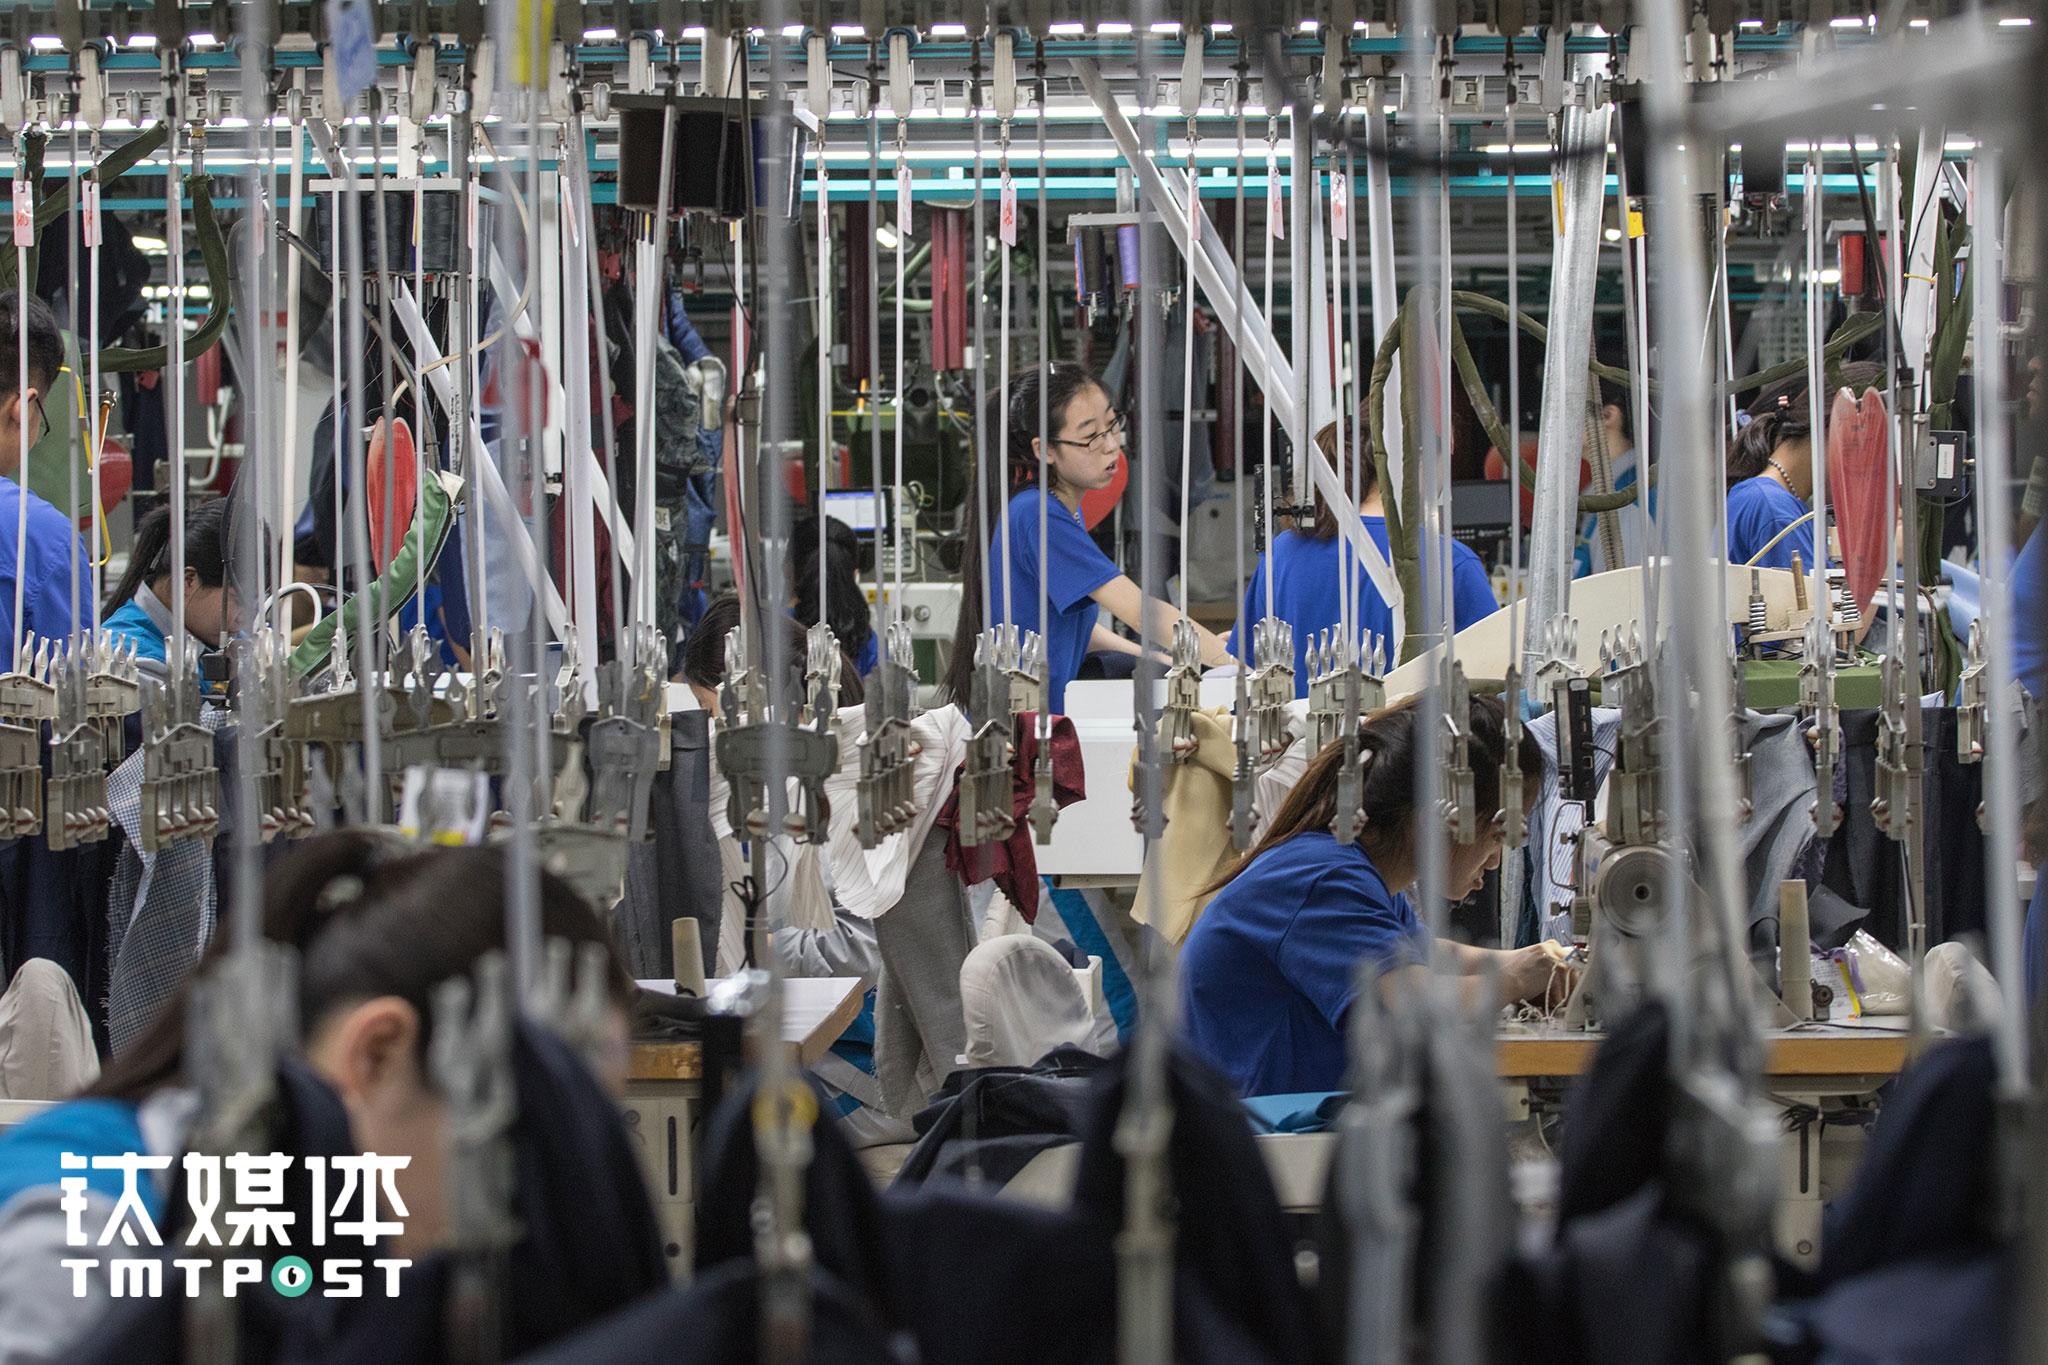 在酷特智能的生产车间,每件西服从布料开始,就通过吊挂系统在不同工序组别和岗位之间传递。